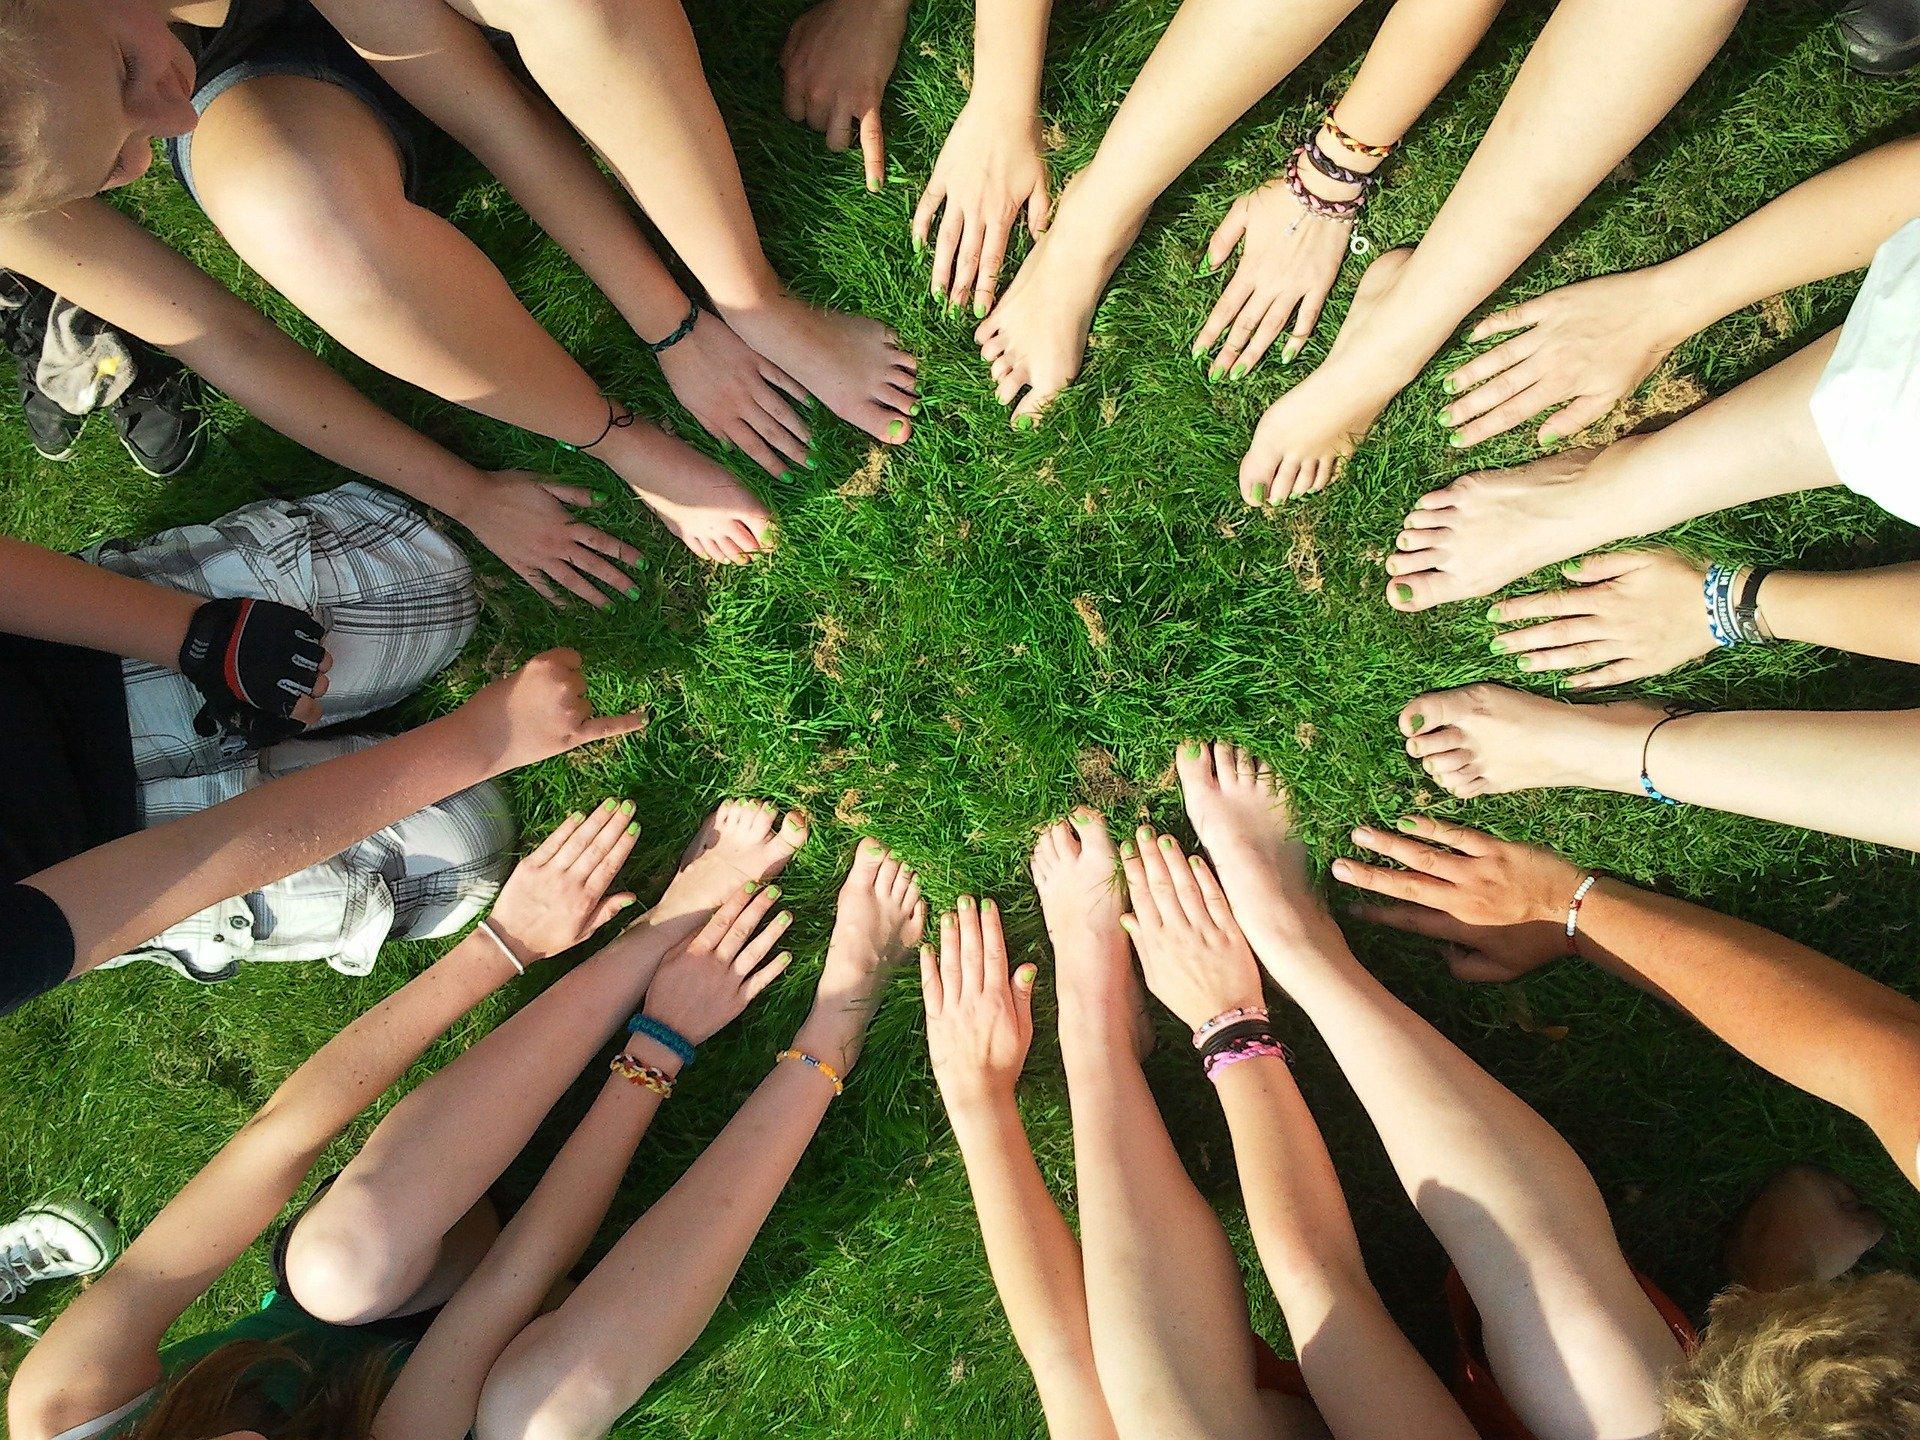 Cerco persone per un sogno di vita in condivisione e nel rispetto della natura